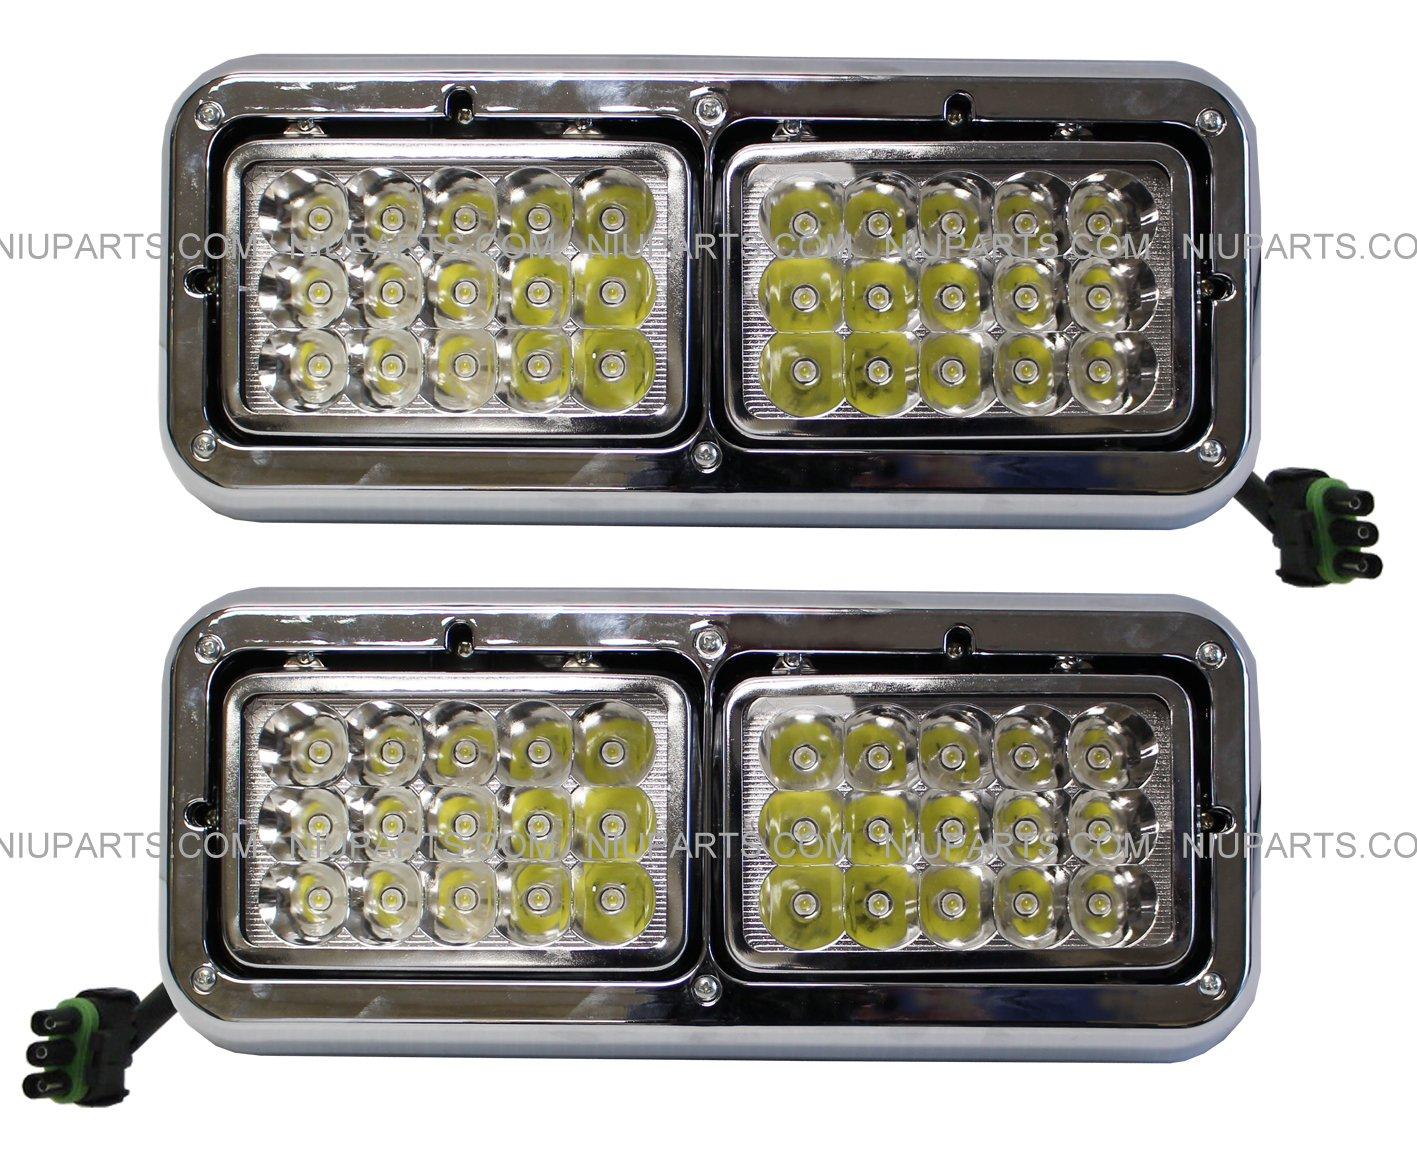 Amazon.com: LED Headlights with Bezel - LH and RH (Fit: Kenworth T400 T600  T800 W900B W900L Classic 120/132. Peterbilt 378 379.